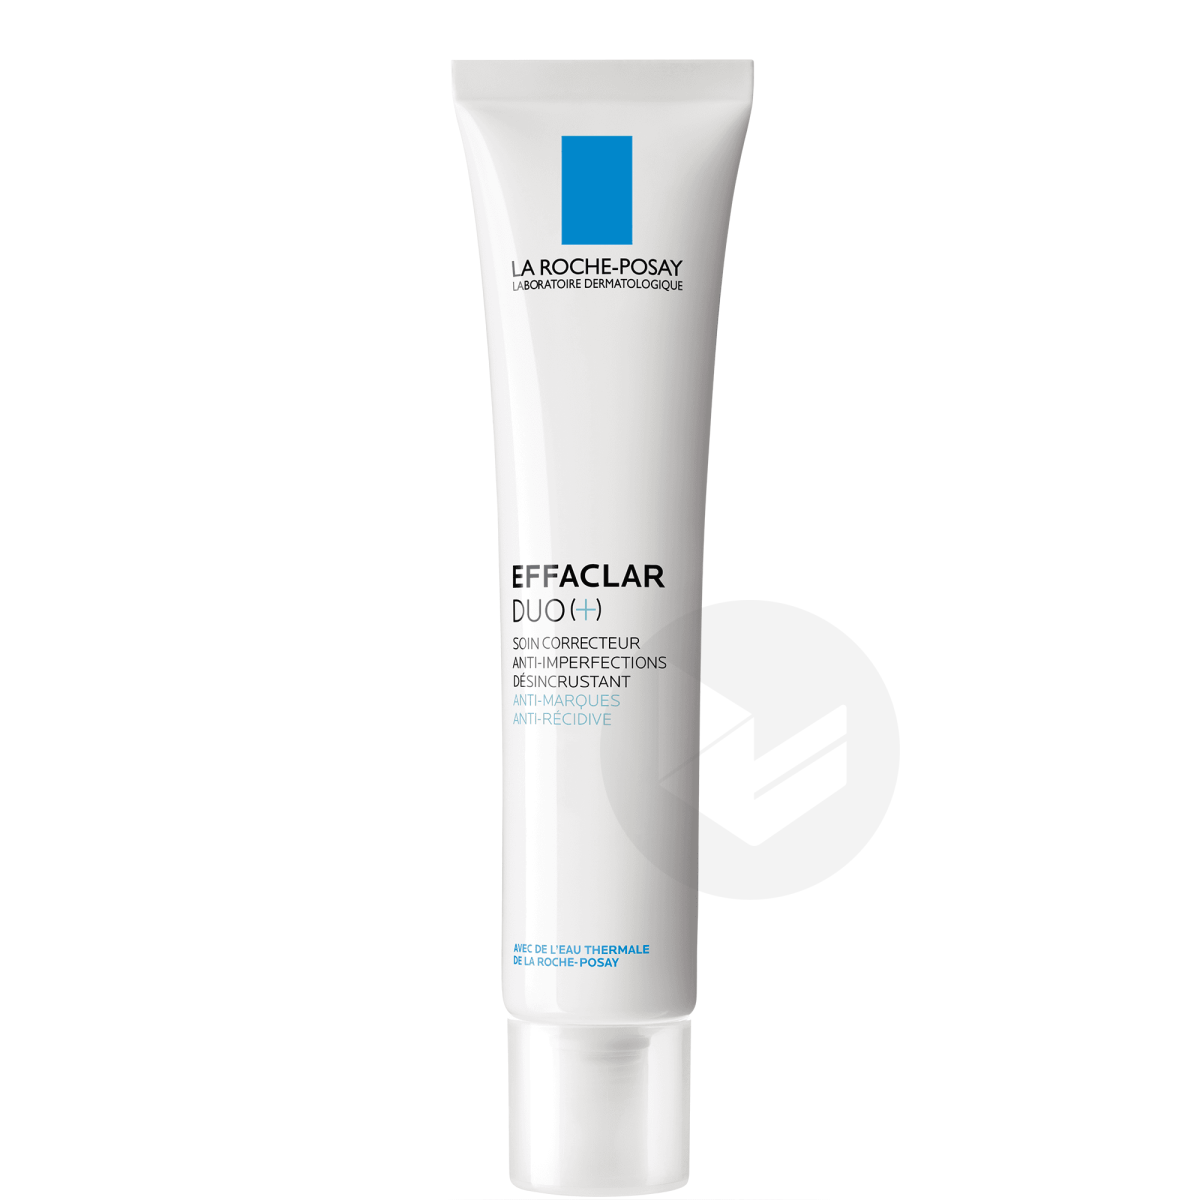 Effaclar Duo (+) Soin correcteur anti-imperfections désincrustant anti-marques et anti-récidive 40ml